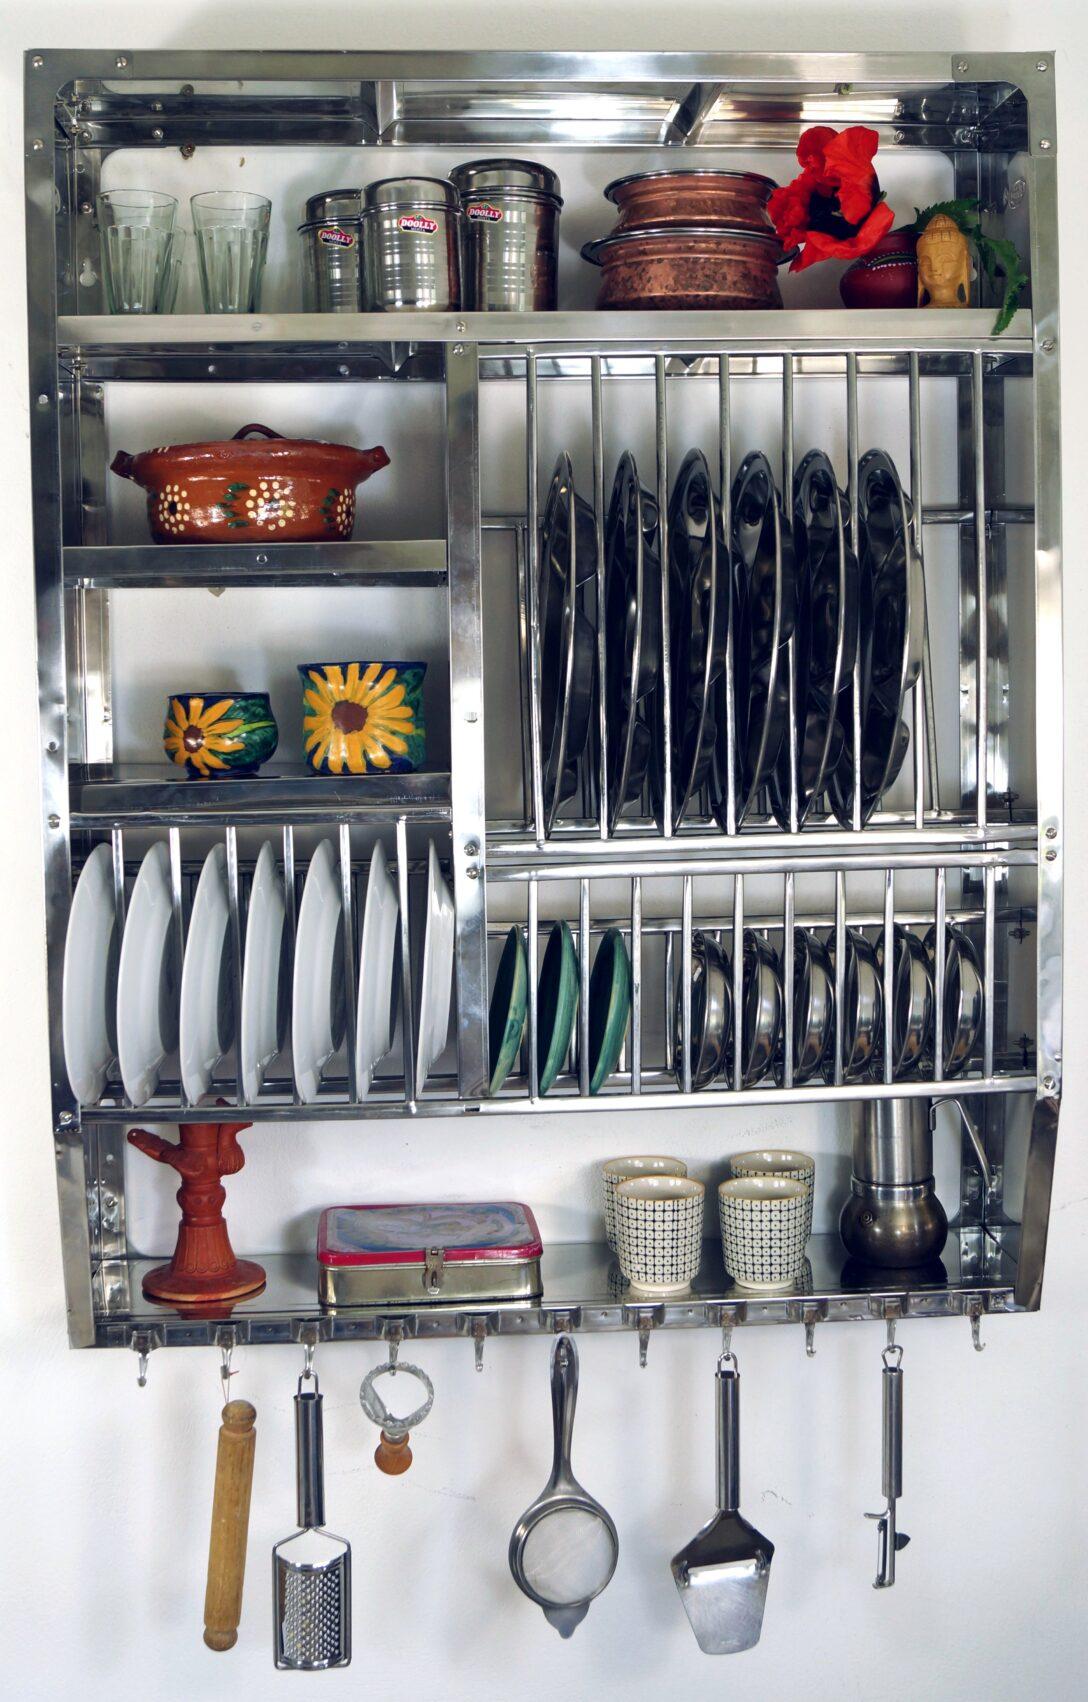 Large Size of Edelstahl Kchenregal Miniküche Mit Kühlschrank Outdoor Küche Edelstahlküche Gebraucht Stengel Garten Ikea Wohnzimmer Miniküche Edelstahl